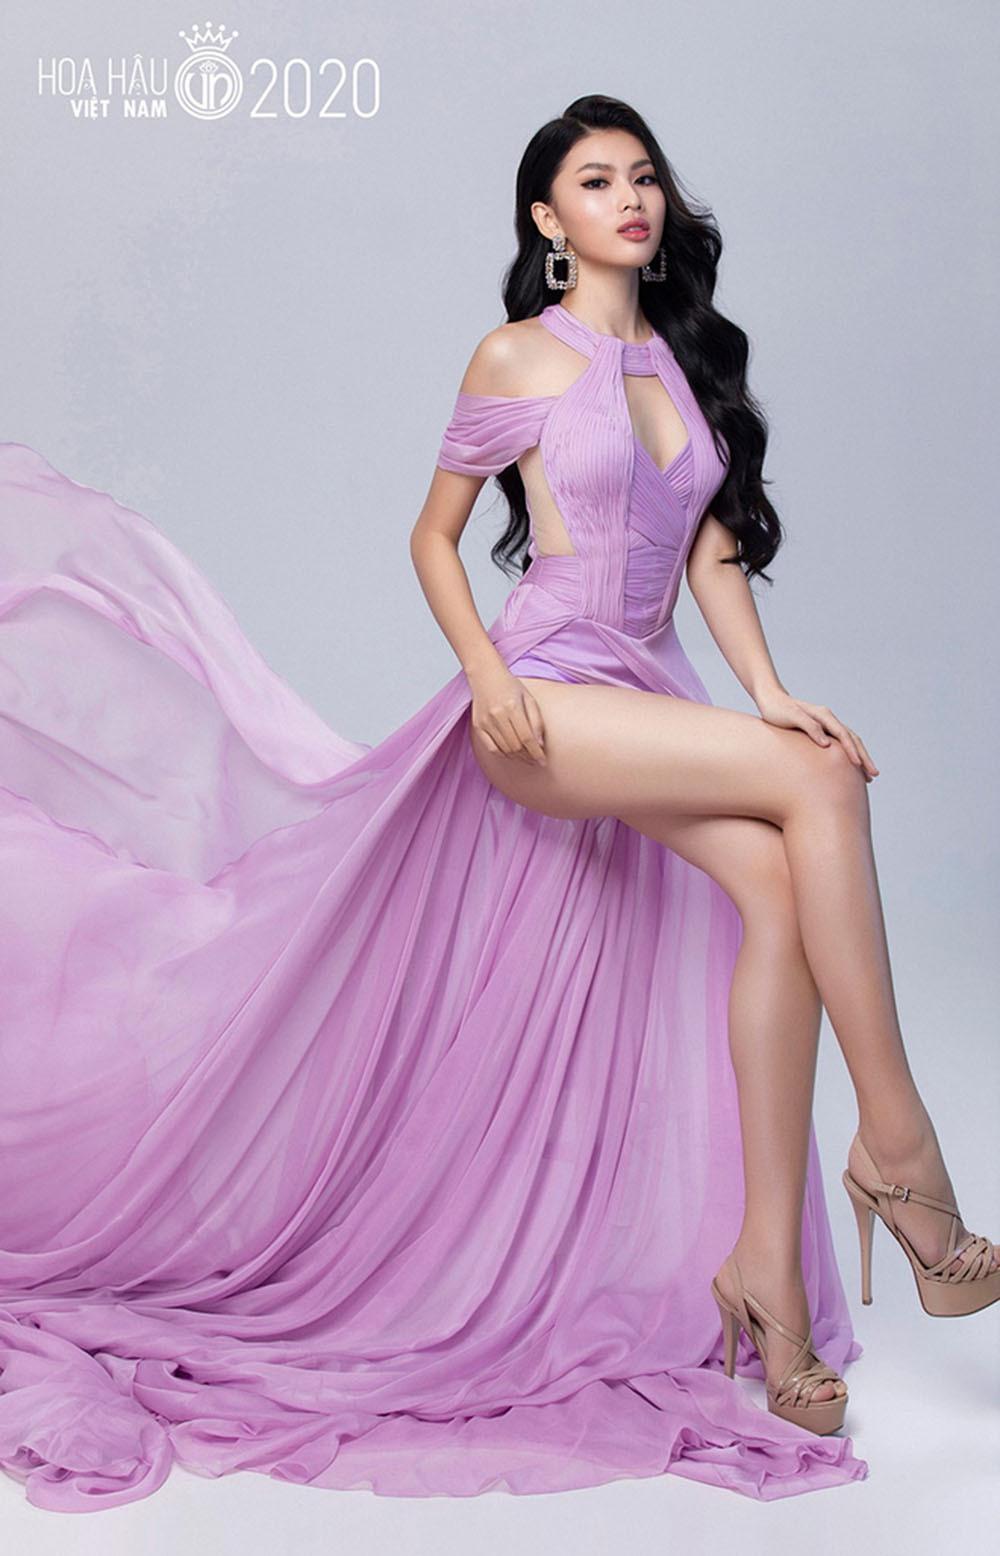 Dàn người đẹp sở hữu đường cong bốc lửa dự thi Hoa hậu Việt Nam 2020 - Ảnh 3.